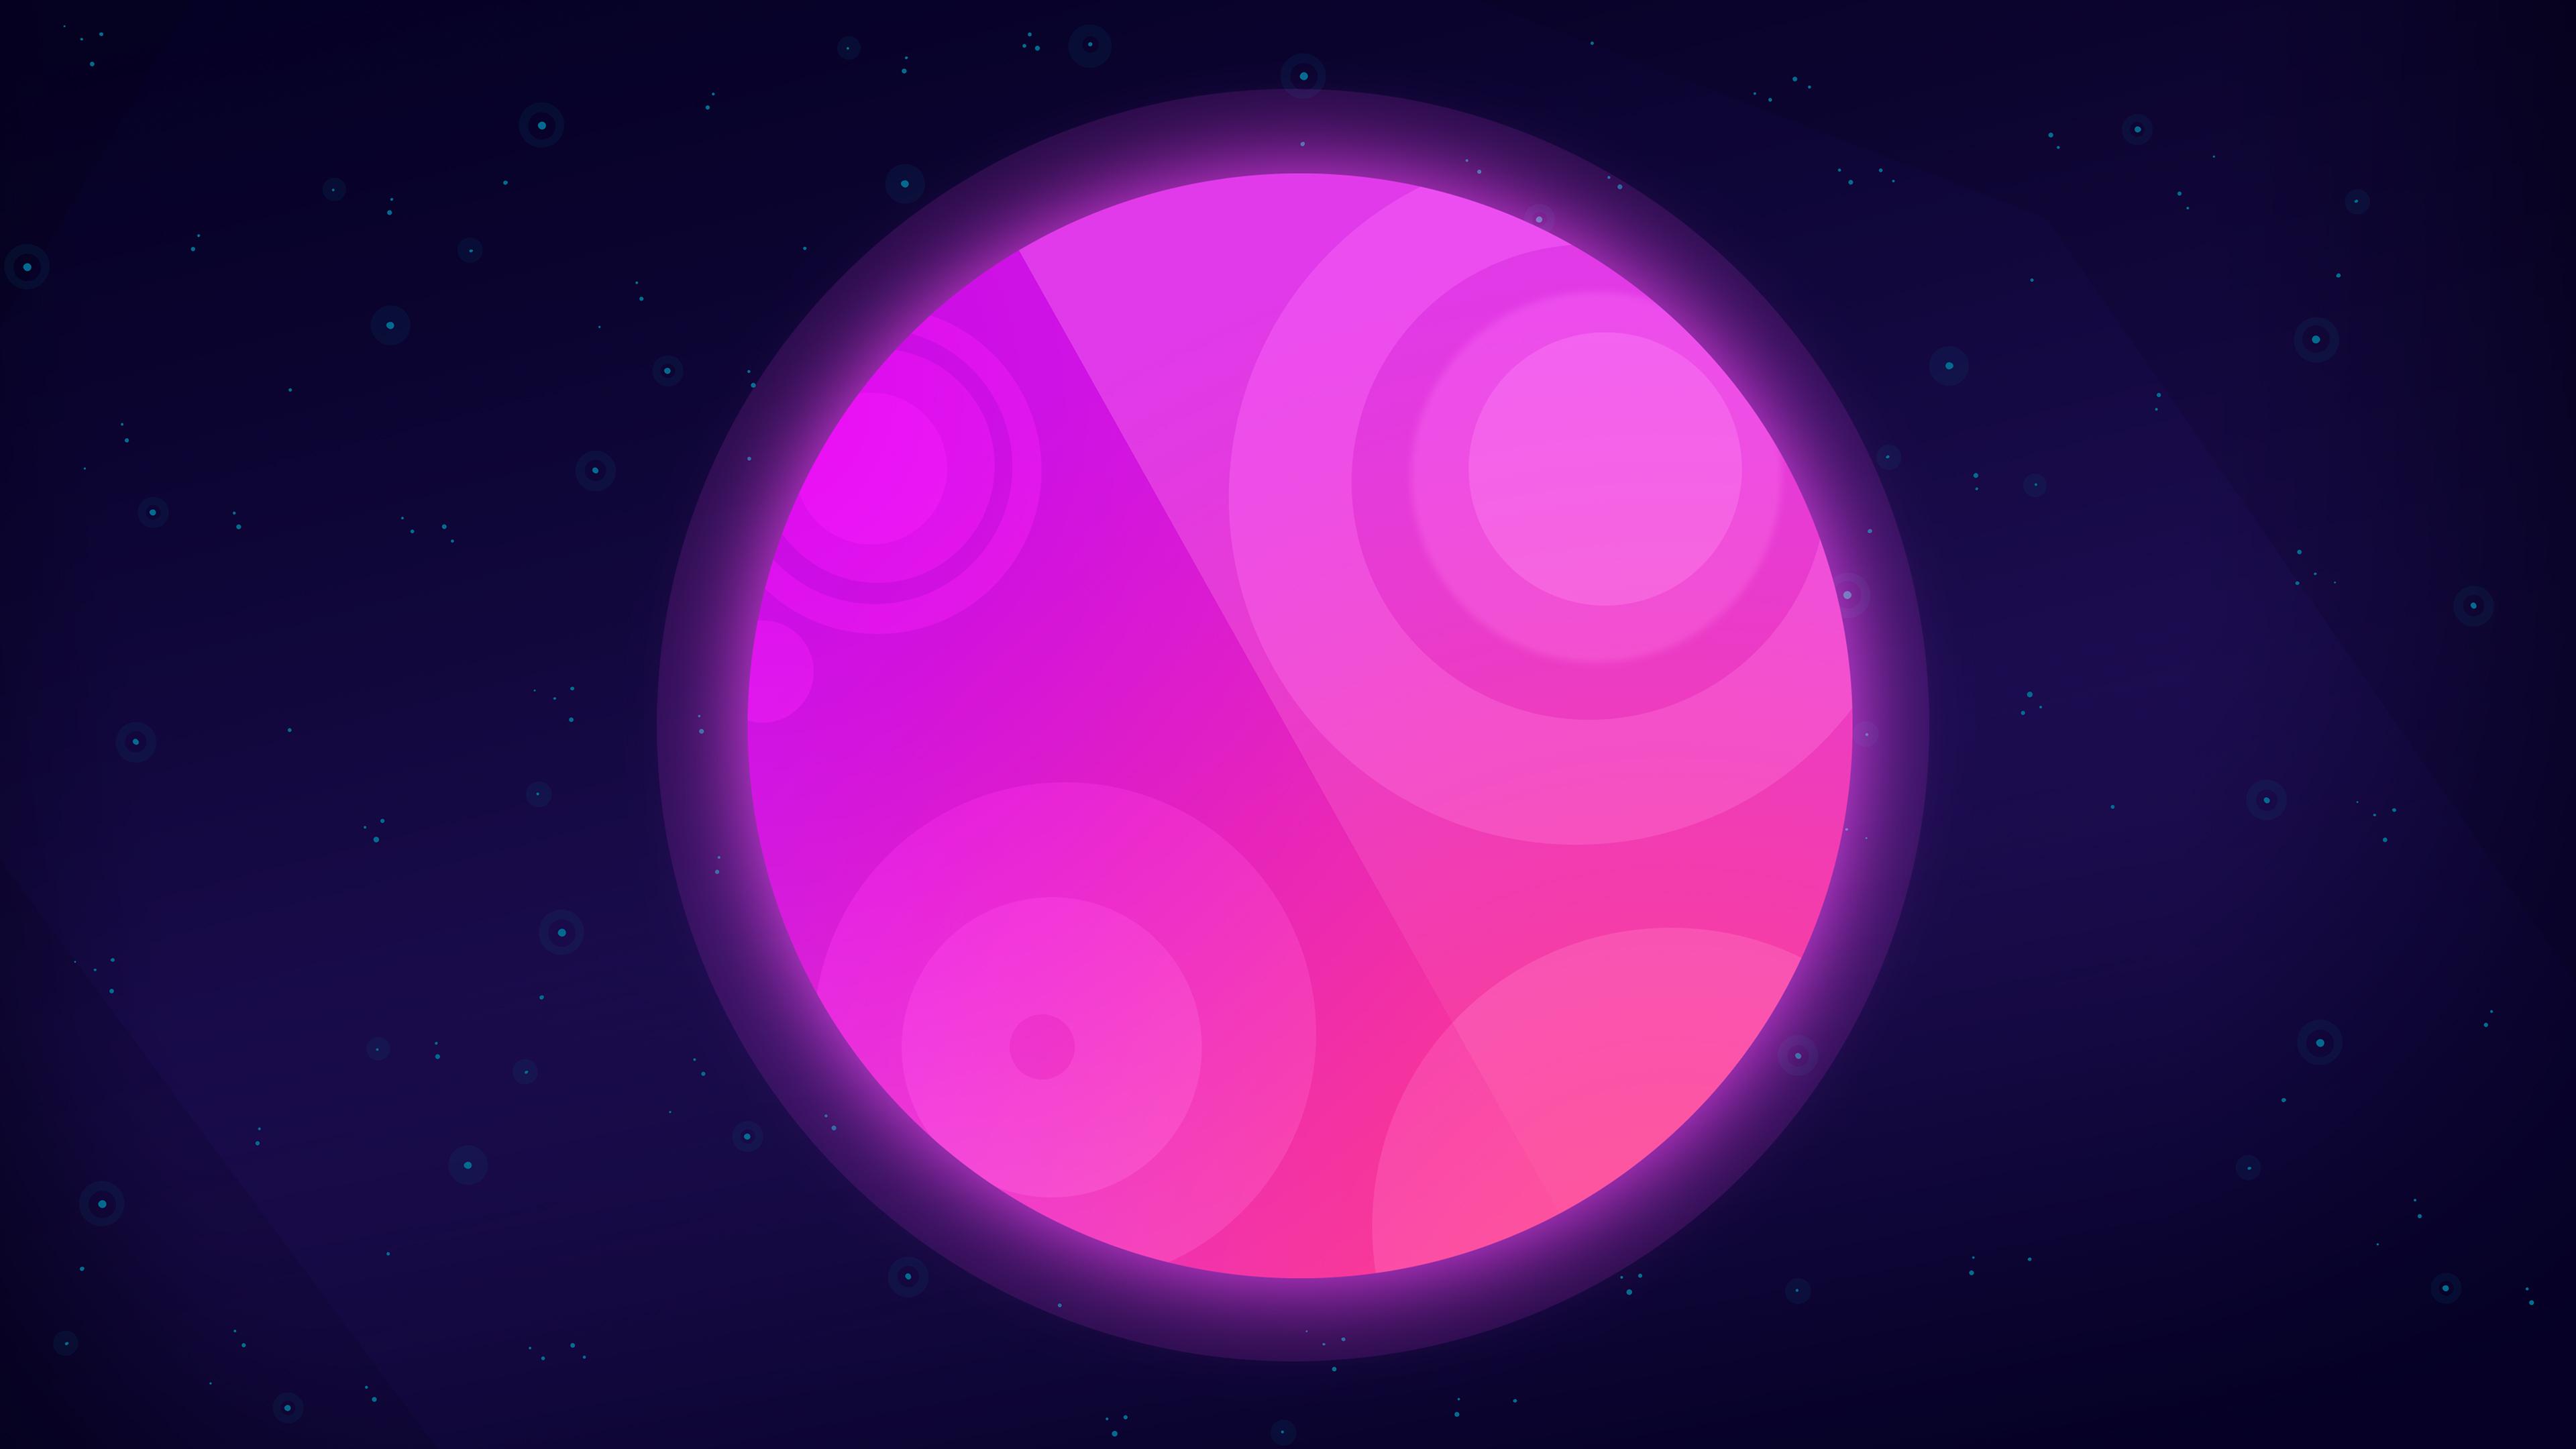 purple planet art 1560535243 - Purple Planet Art - hd-wallpapers, digital art wallpapers, behance wallpapers, artist wallpapers, 4k-wallpapers